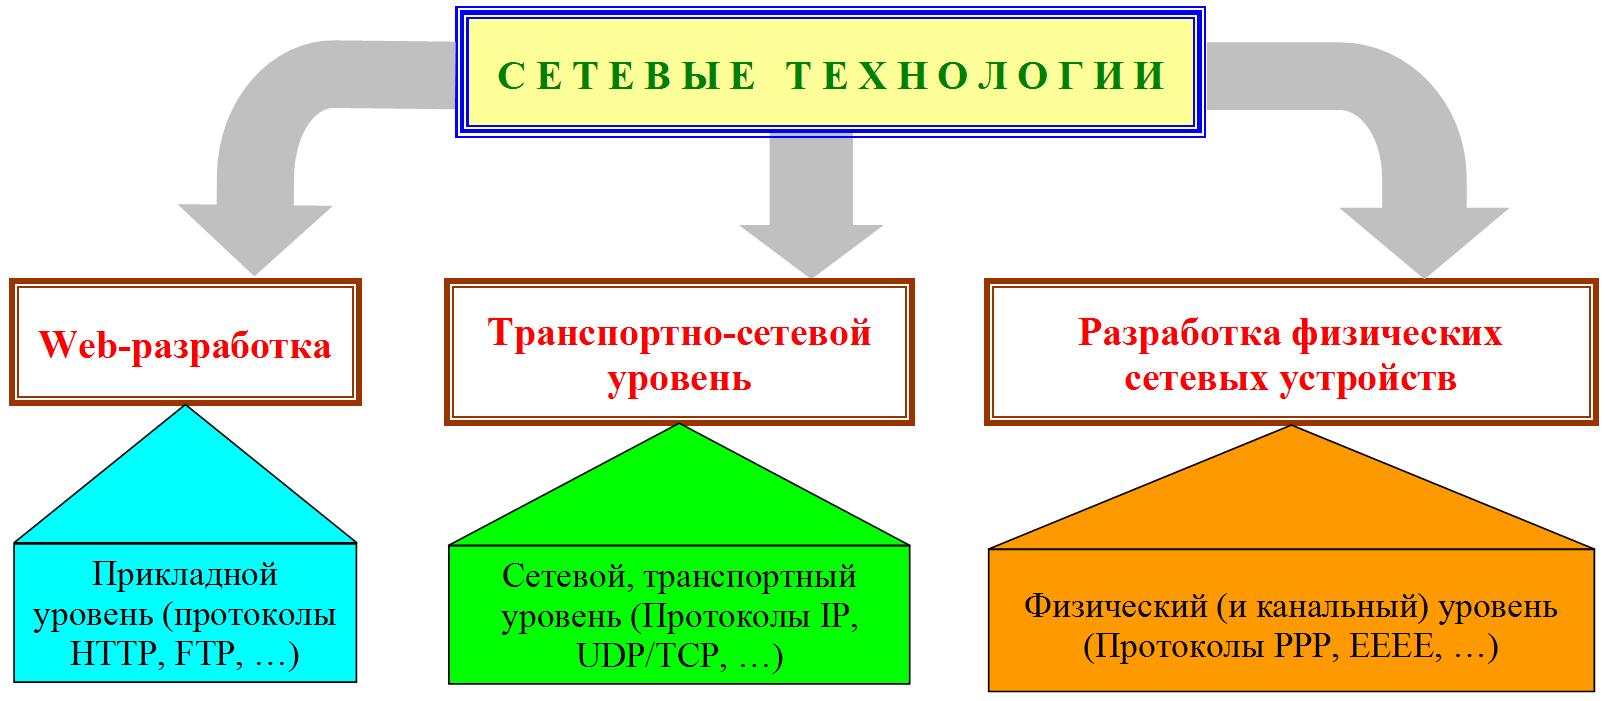 Обзор сетевых протоколов: типы и назначение | world-x